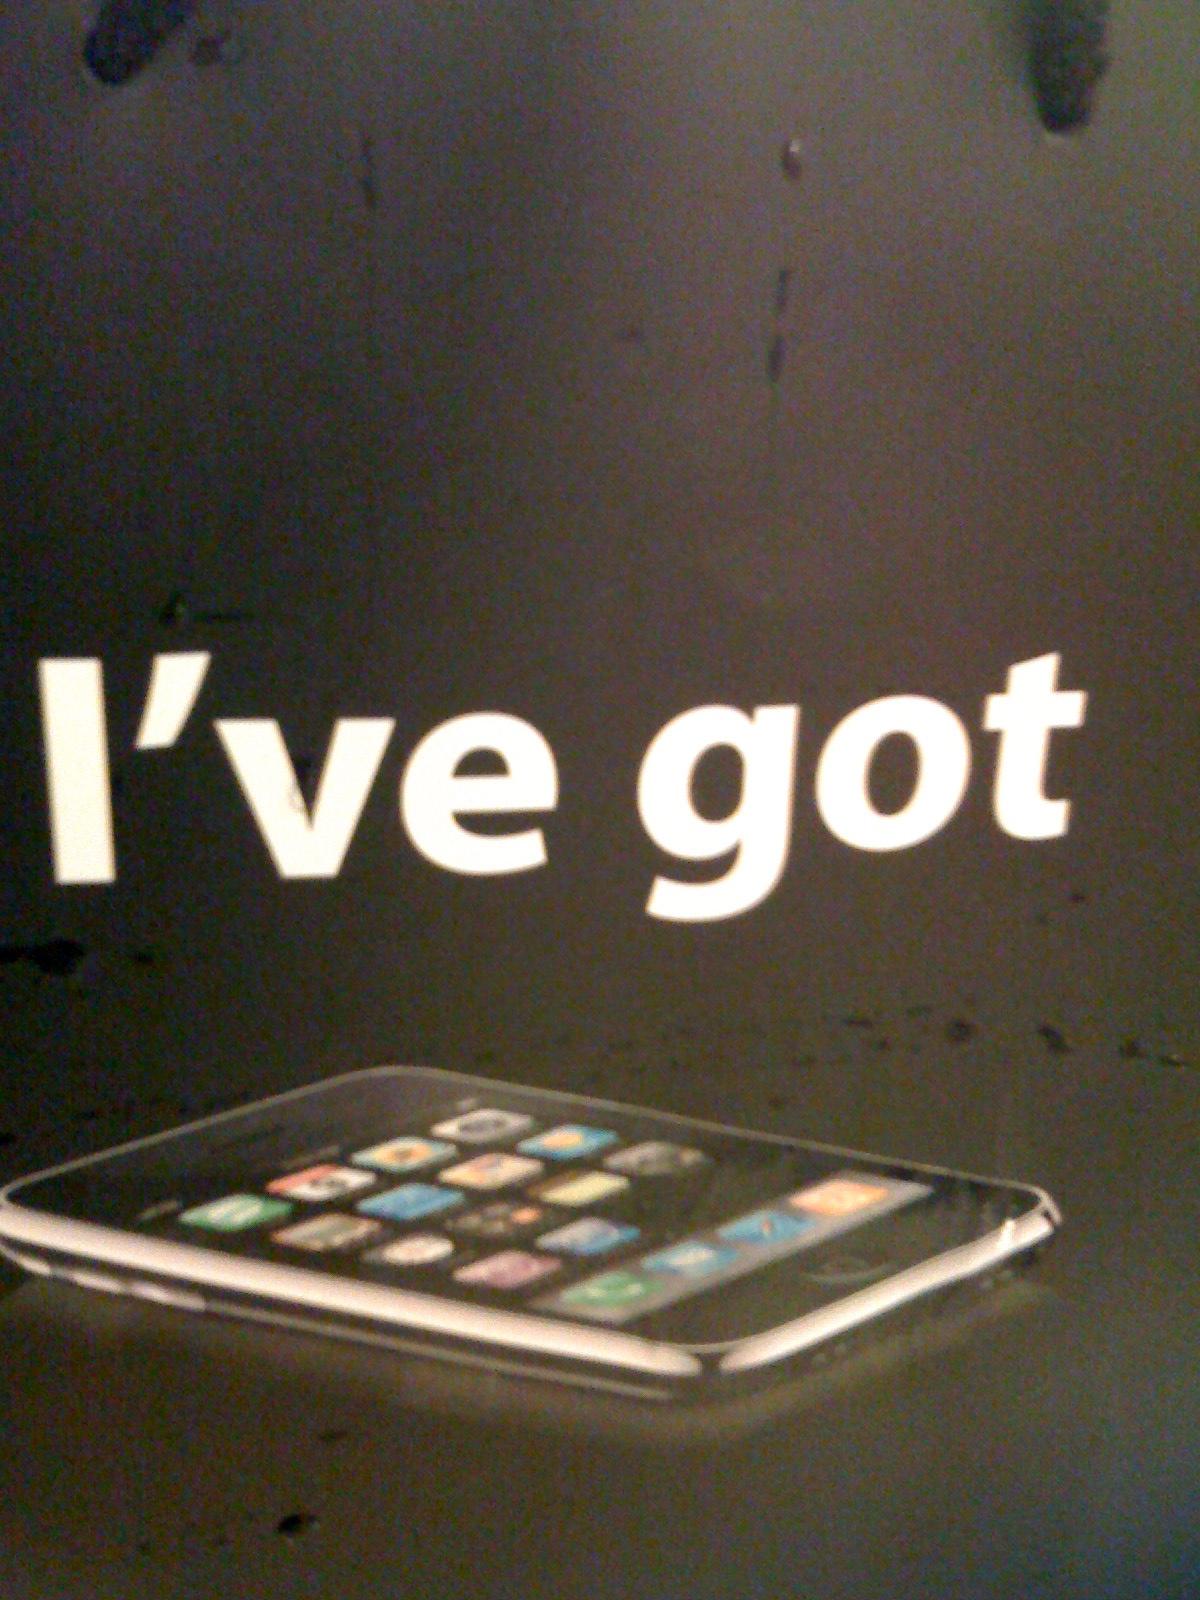 I've got iPhone 3G